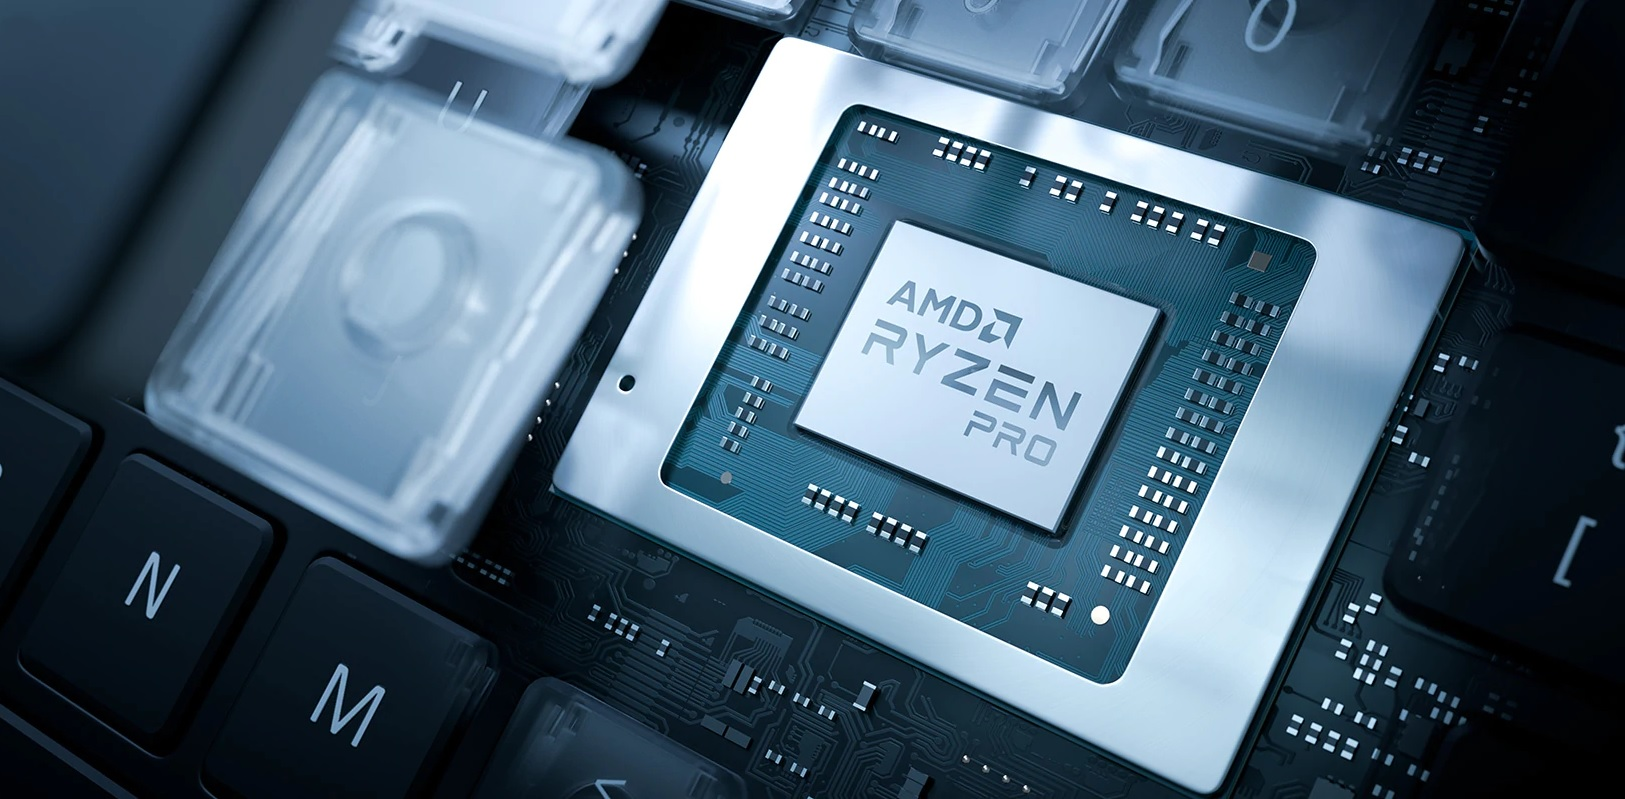 La demanda del iPhone disminuye, AMD a la caza de las obleas que libera